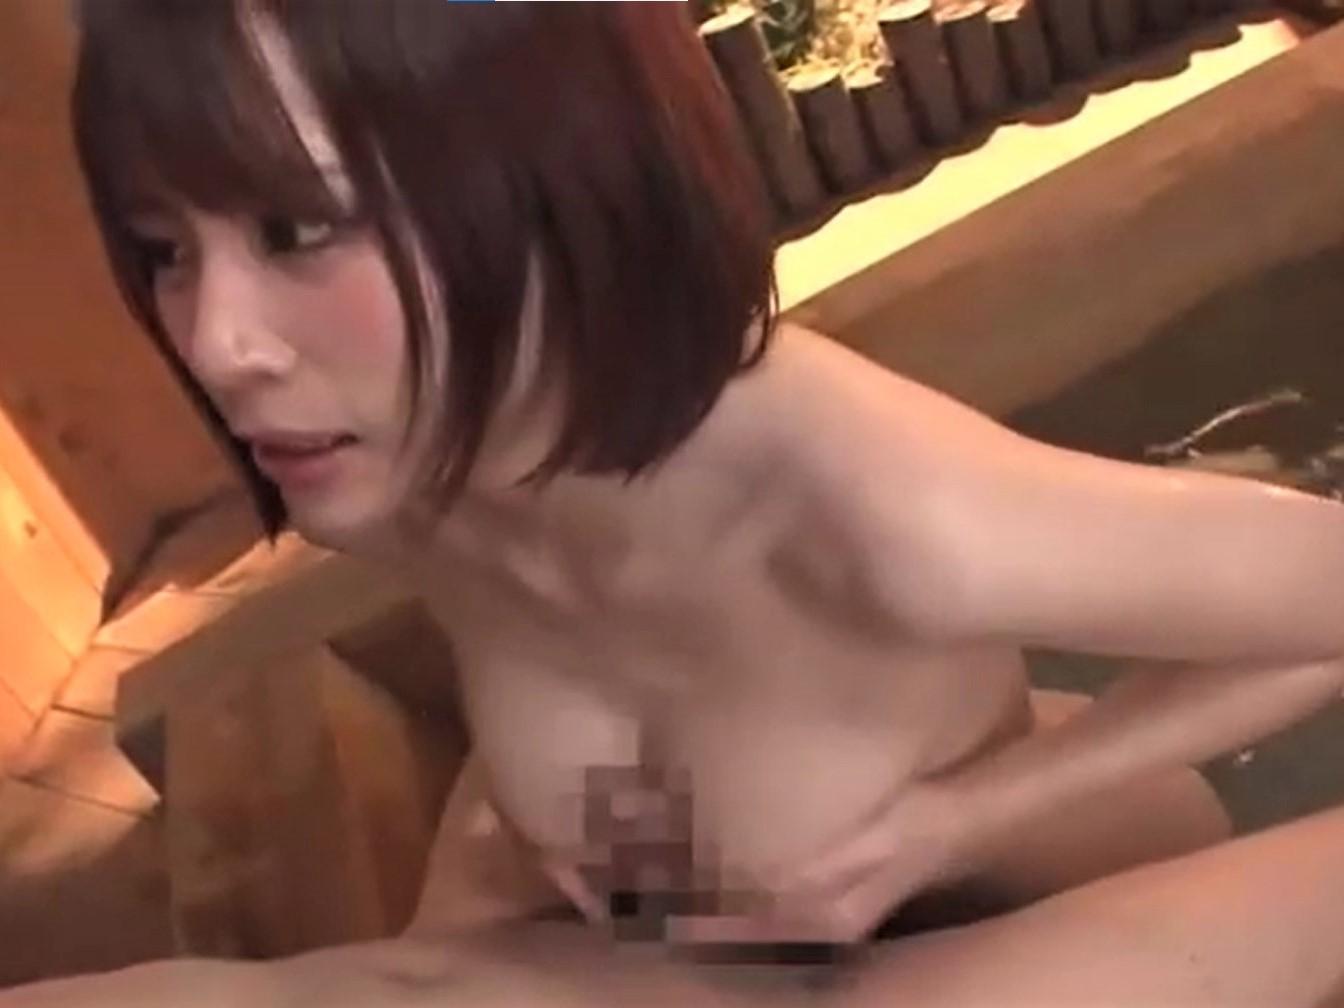 【伊藤舞雪】Fカップ巨乳クビレ美女の後輩に温泉でフェラ&パイズリしてもらっちゃいます!